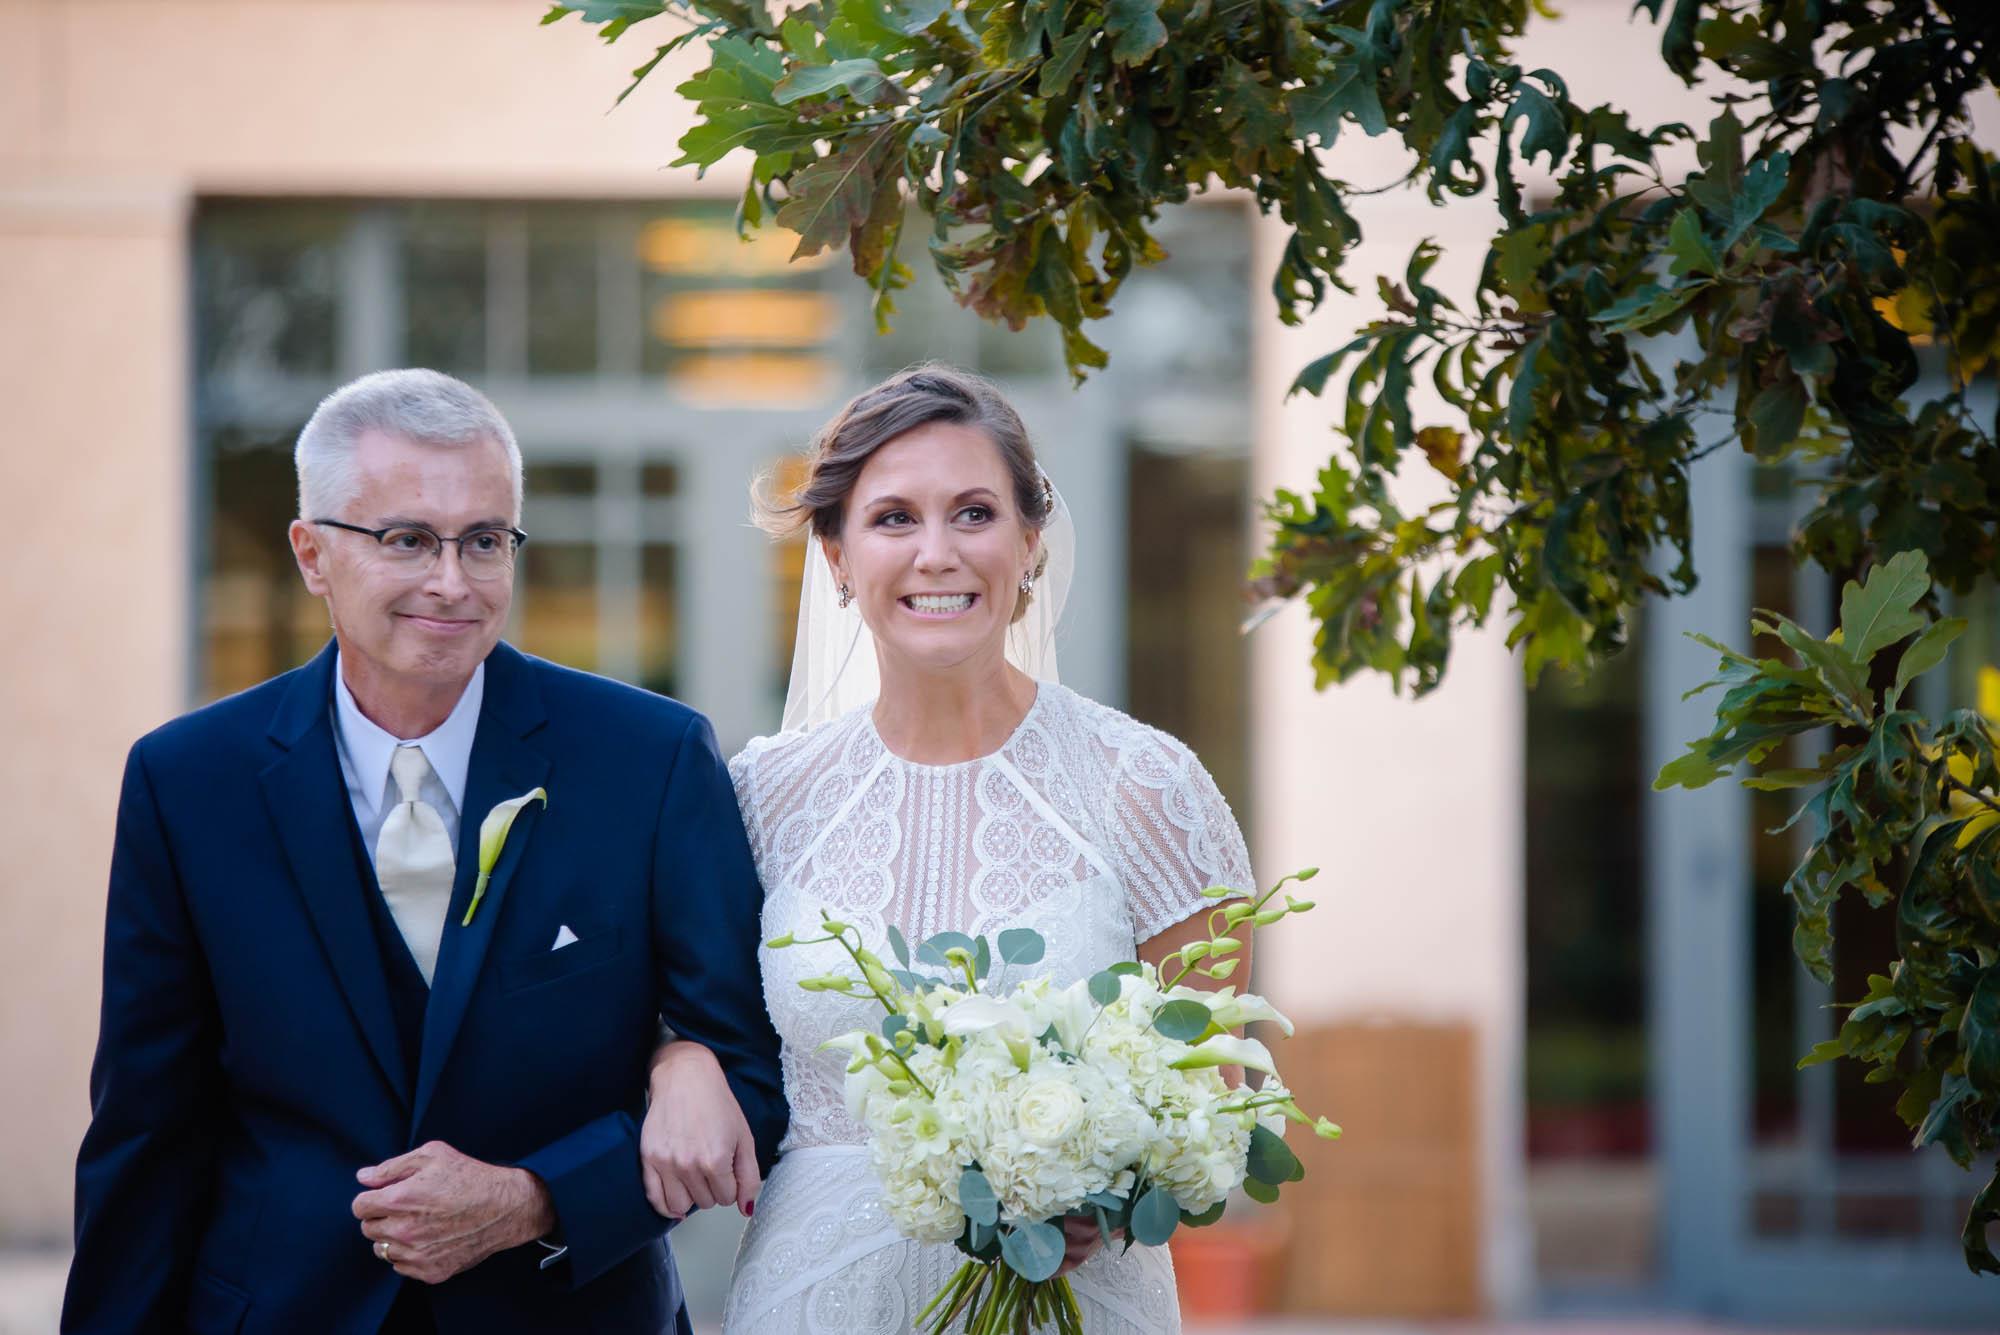 lauritzen-garden-omaha-liz-daniel-omaha-wedding-photographer-jm-studios-26026.jpg